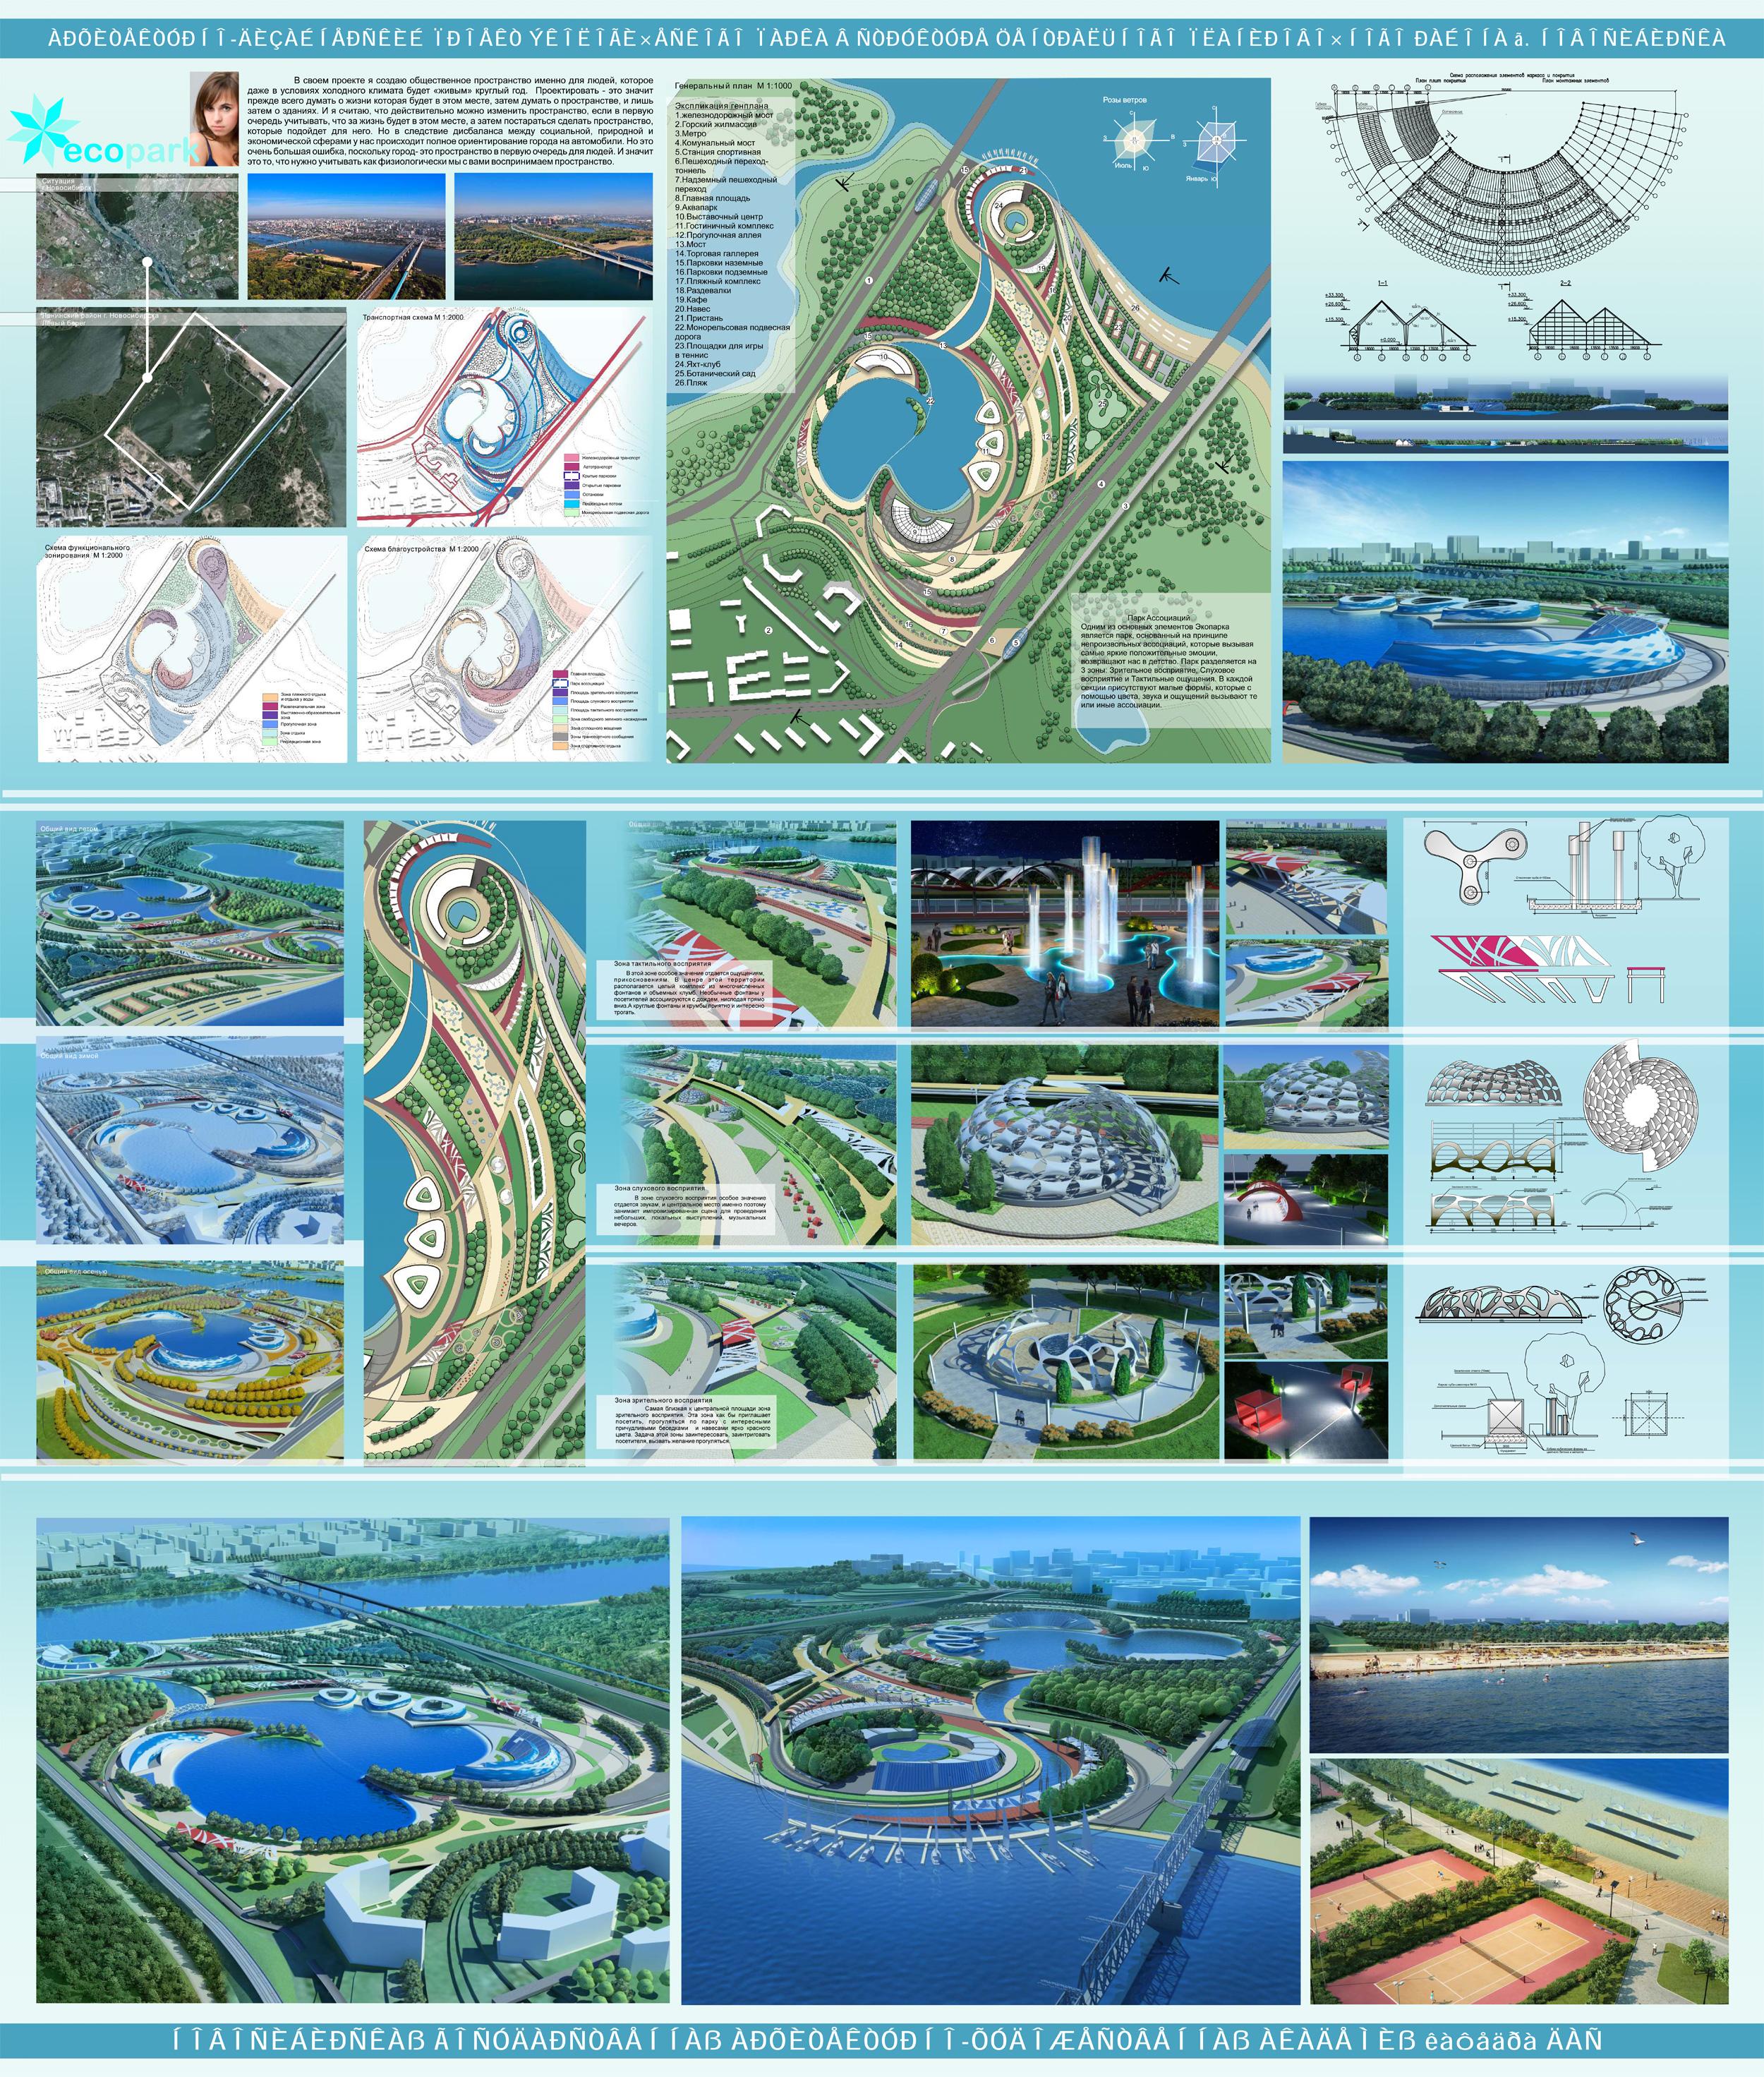 Дипломный проект page Архитектура и проектирование  Архитектурно дизайнерский проект экологического парка Новосибирск